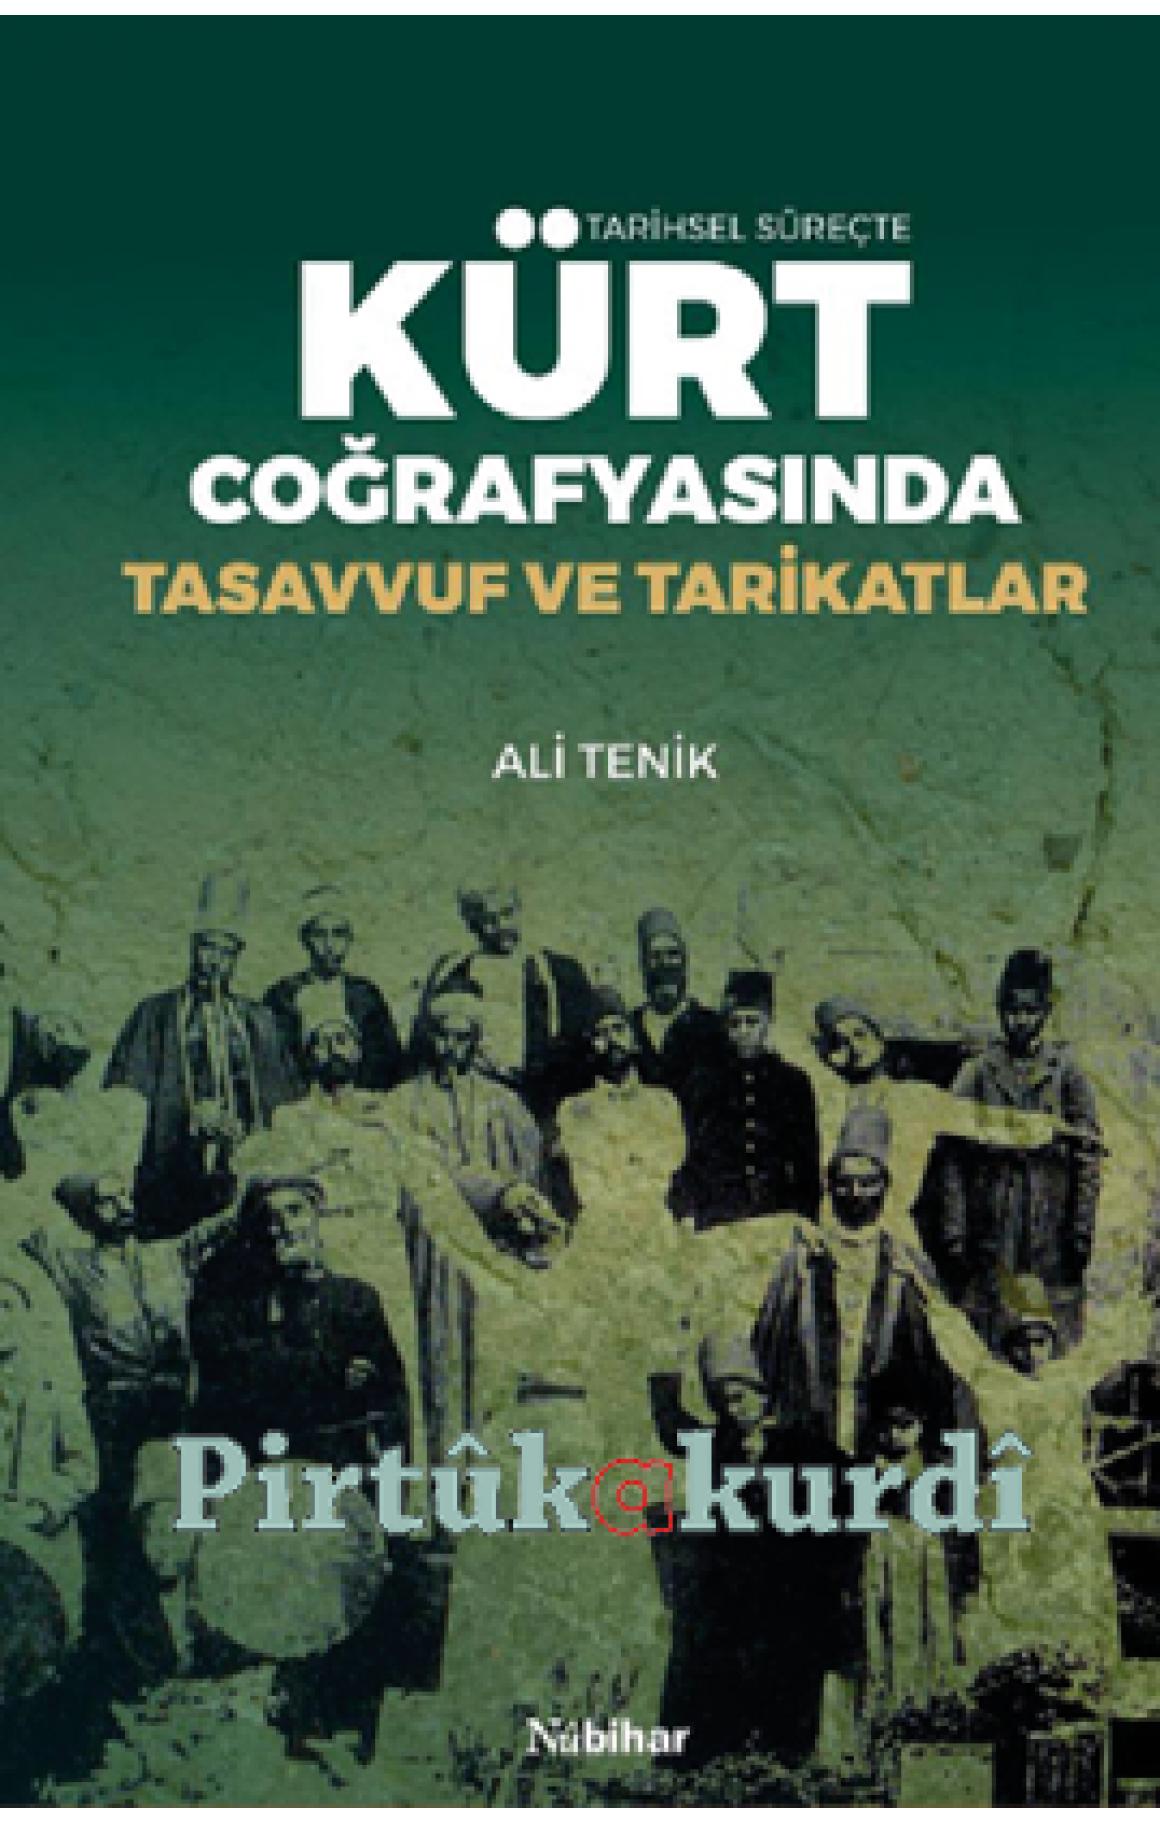 Kürt Coğrafyasında Tasavvuf ve Tarikatlar